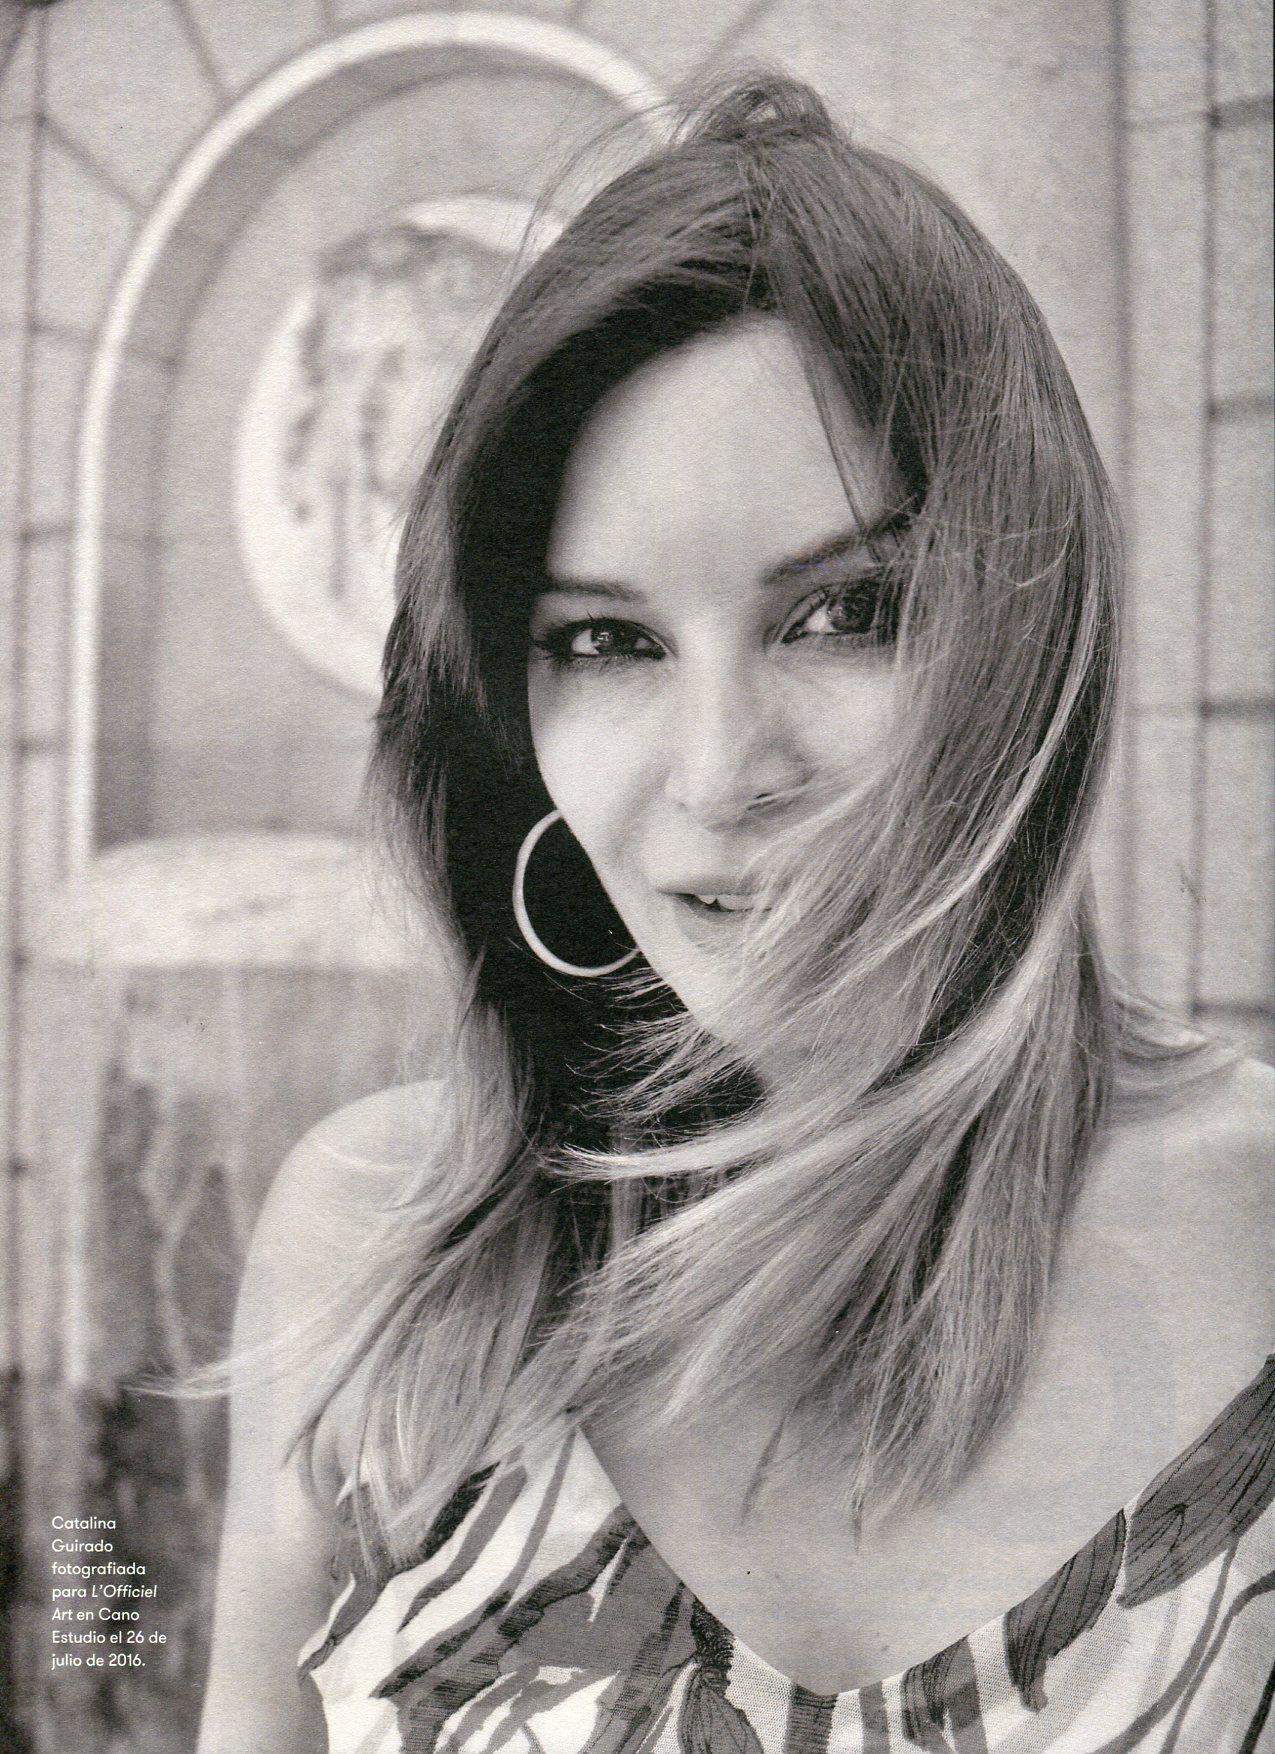 L'Offciel Art es - Catalina Guirado